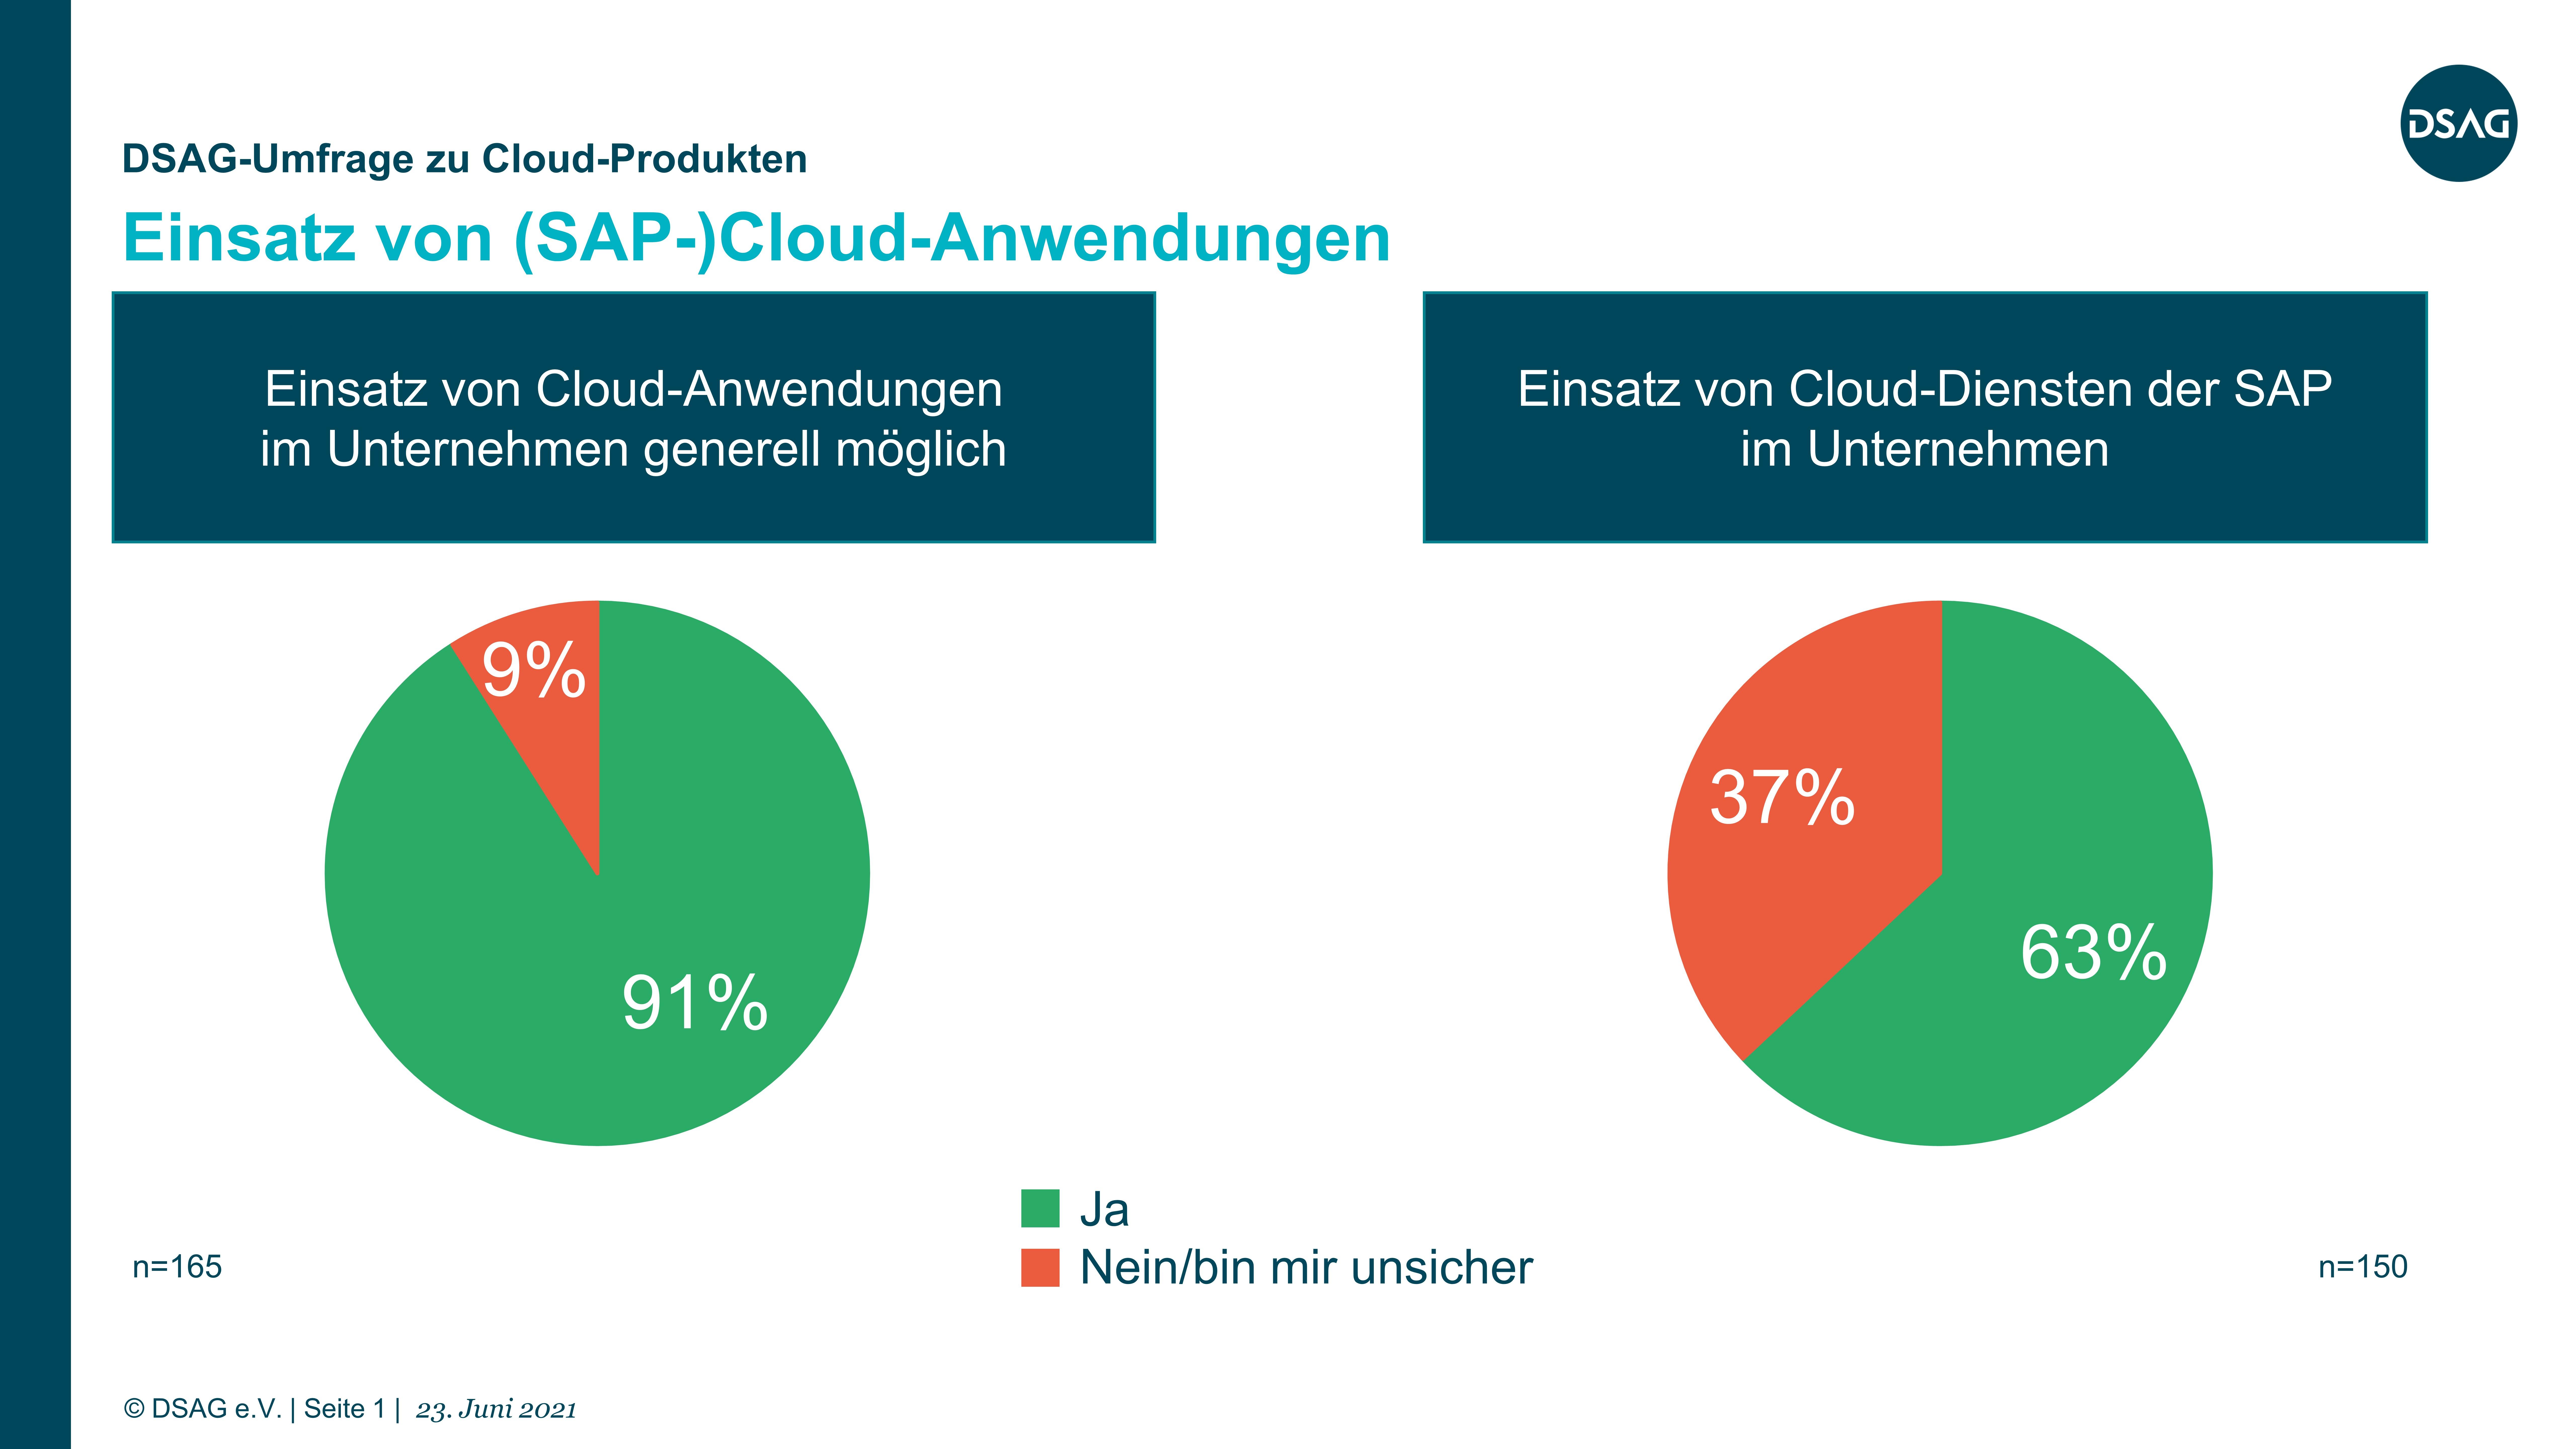 dsag cloud umfrage einsatz von sap cloud produkten